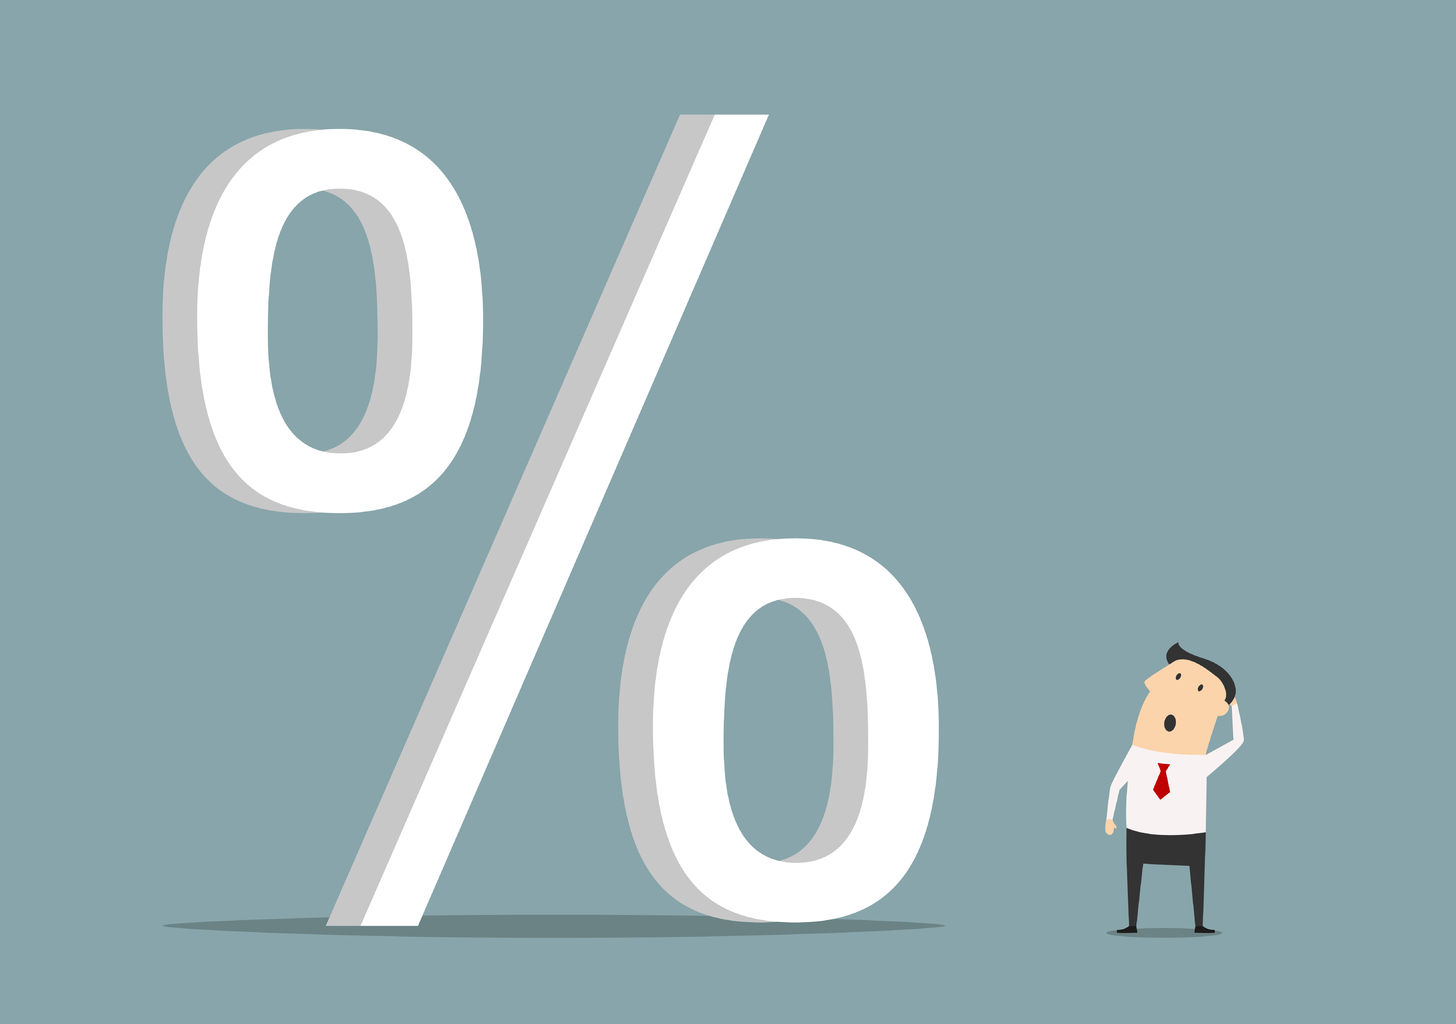 Comment obtenir le meilleur taux pour une marge de crédit au Canada?